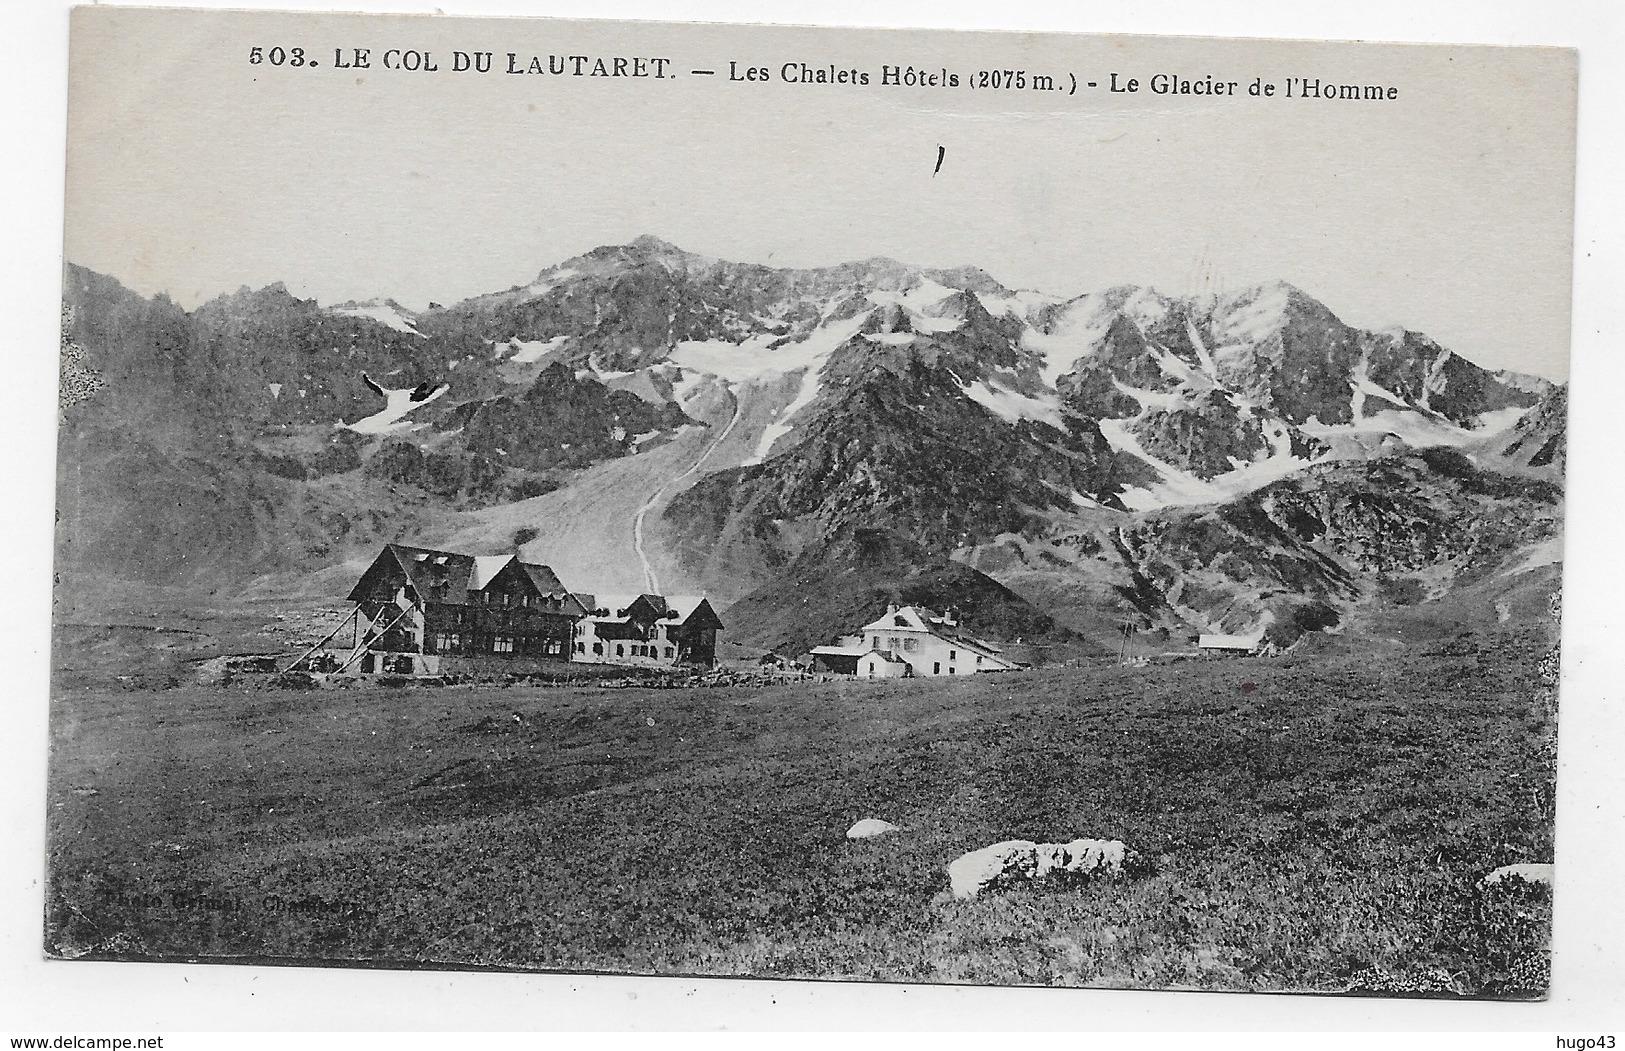 LE COL DU LAUTARET - N° 503 - LES CHALETS HOTELS - LE GLACIER DE L' HOMME - PLI EN HAUT - CPA NON VOYAGEE - France